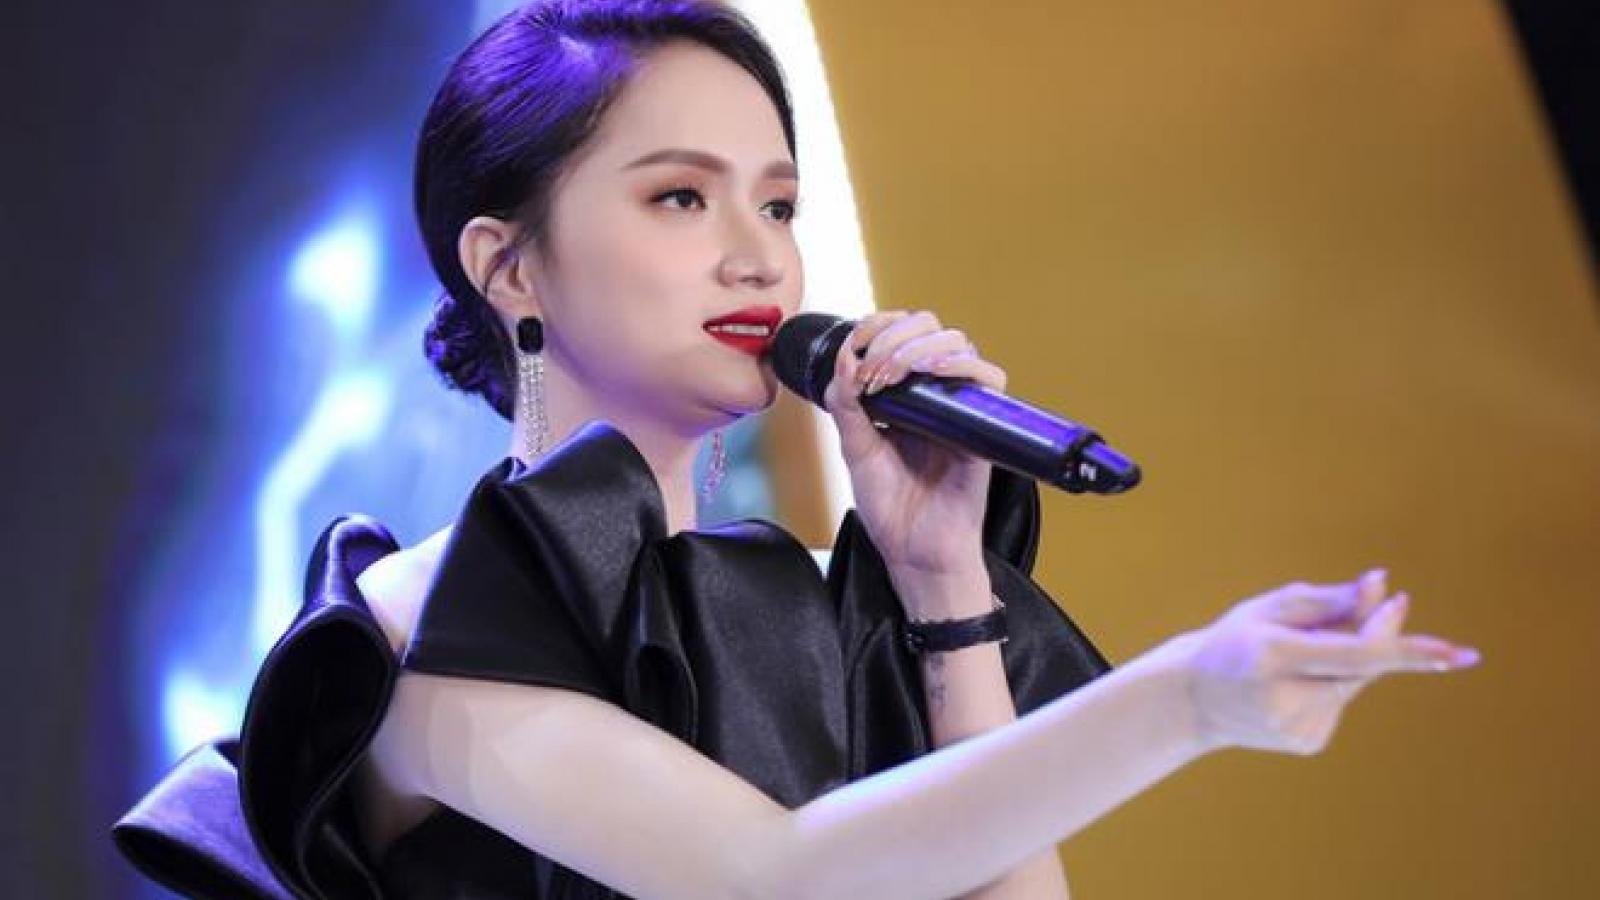 Antifan đề nghị hủy hợp tác với Hương Giang, BTC Hoa hậu Việt Nam lên tiếng